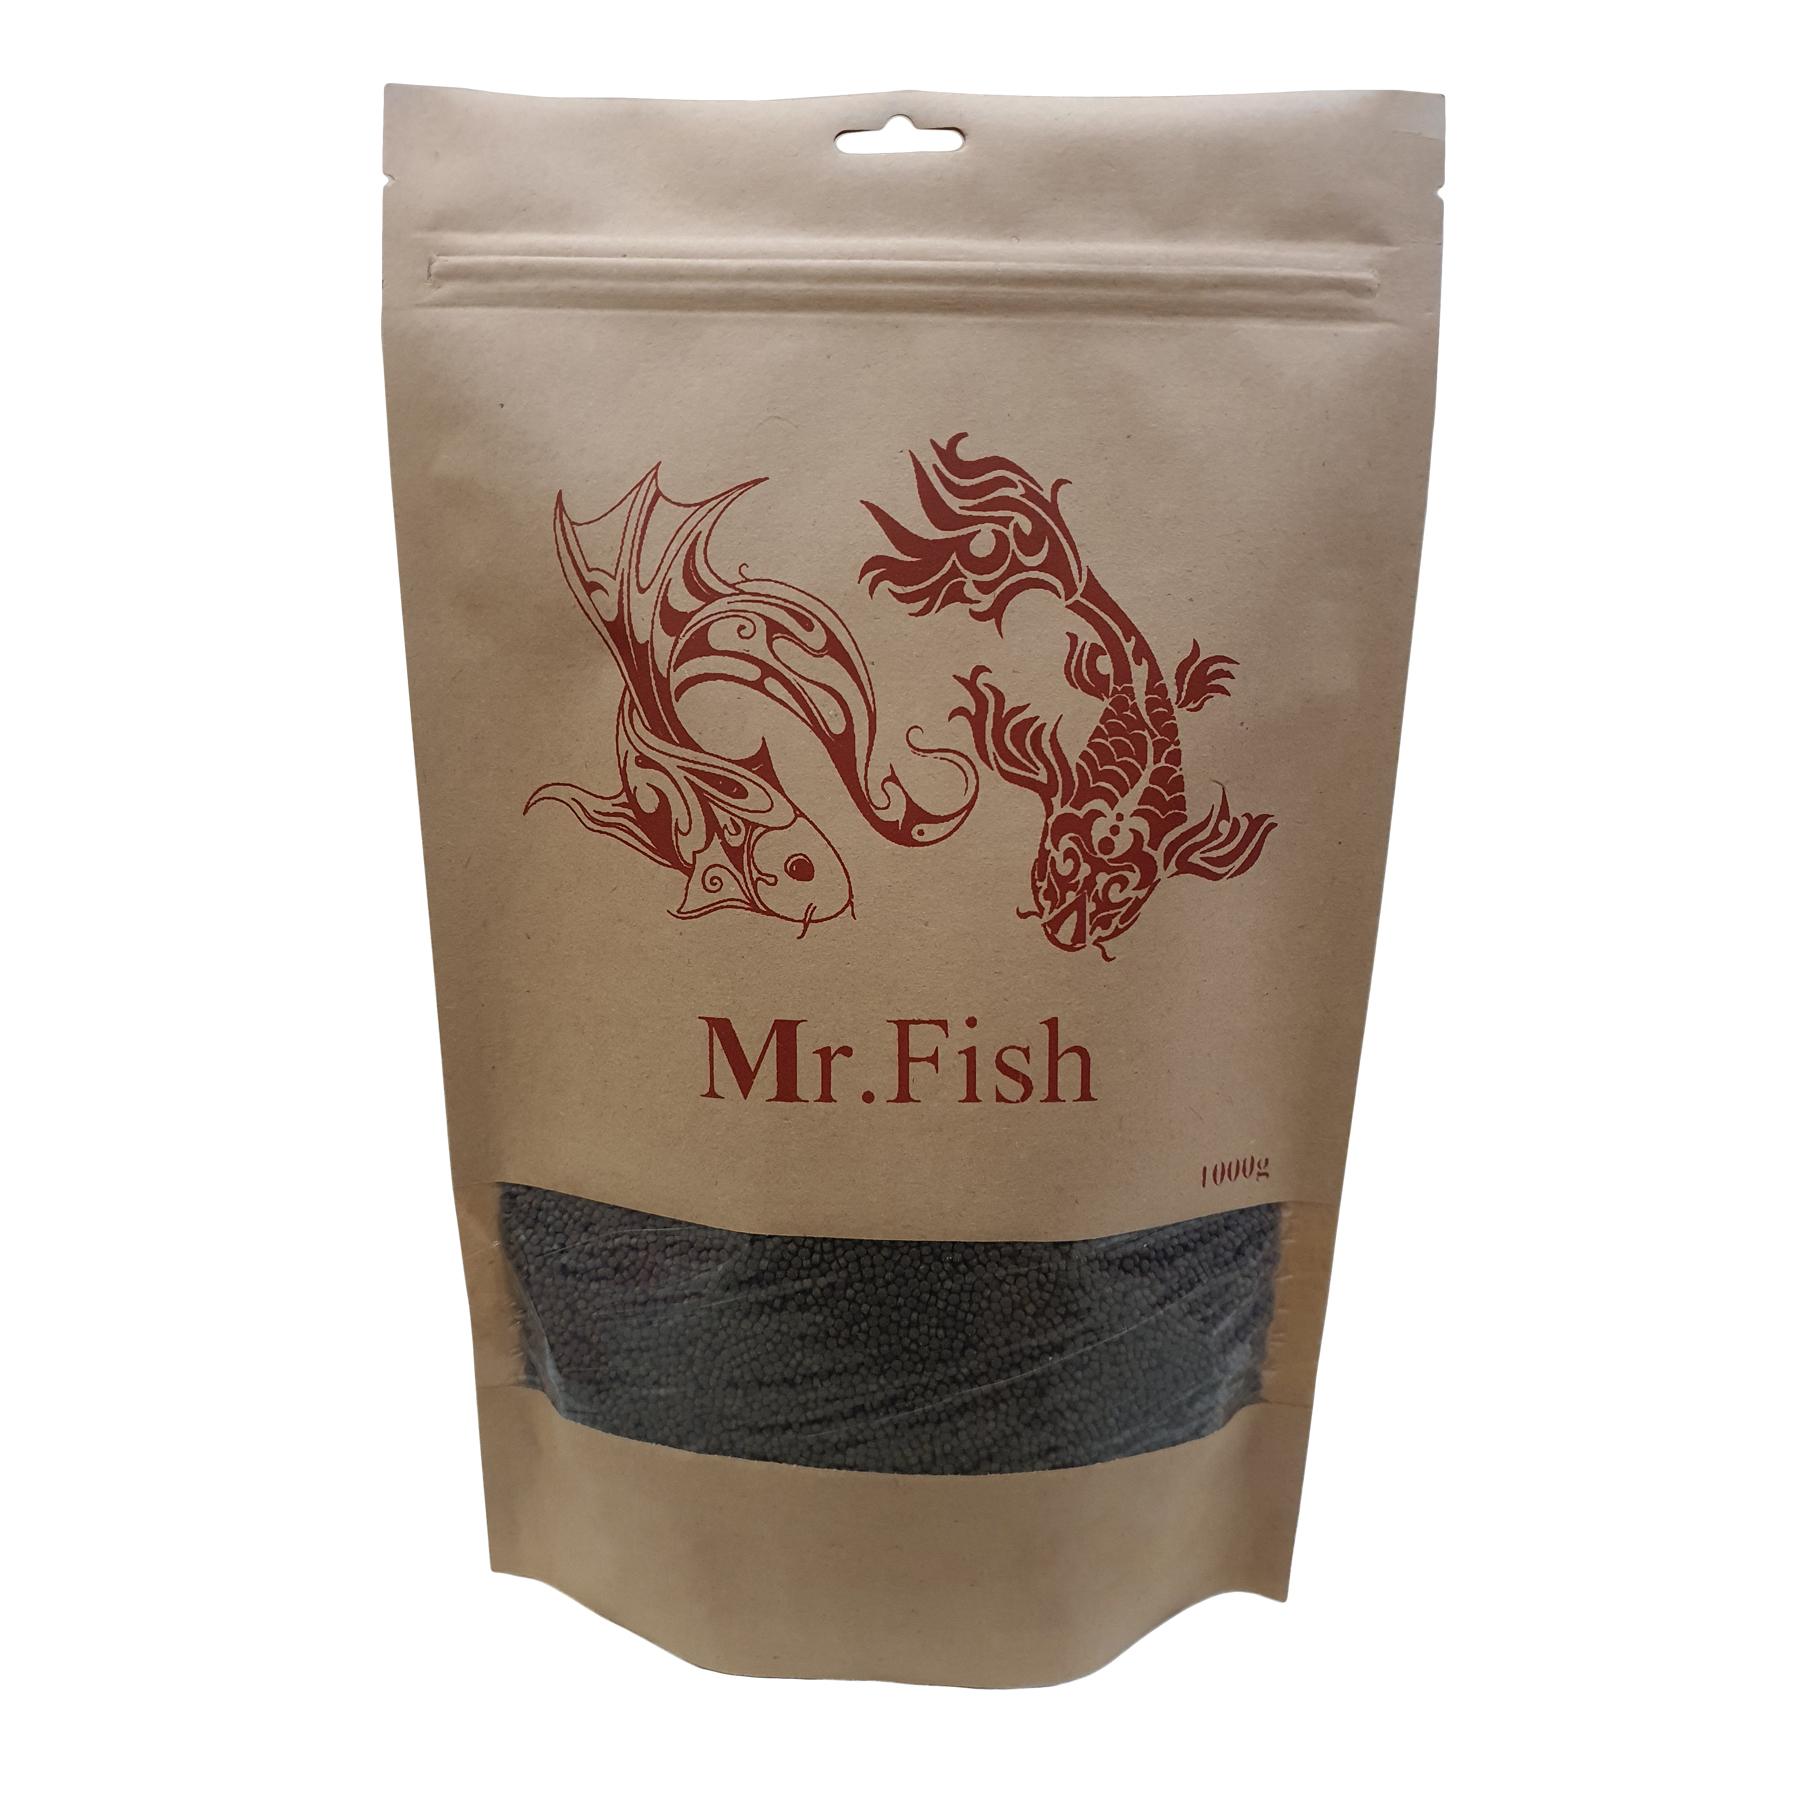 غذای ماهی مستر فیش مدل بیومار 1m وزن 1000 گرم